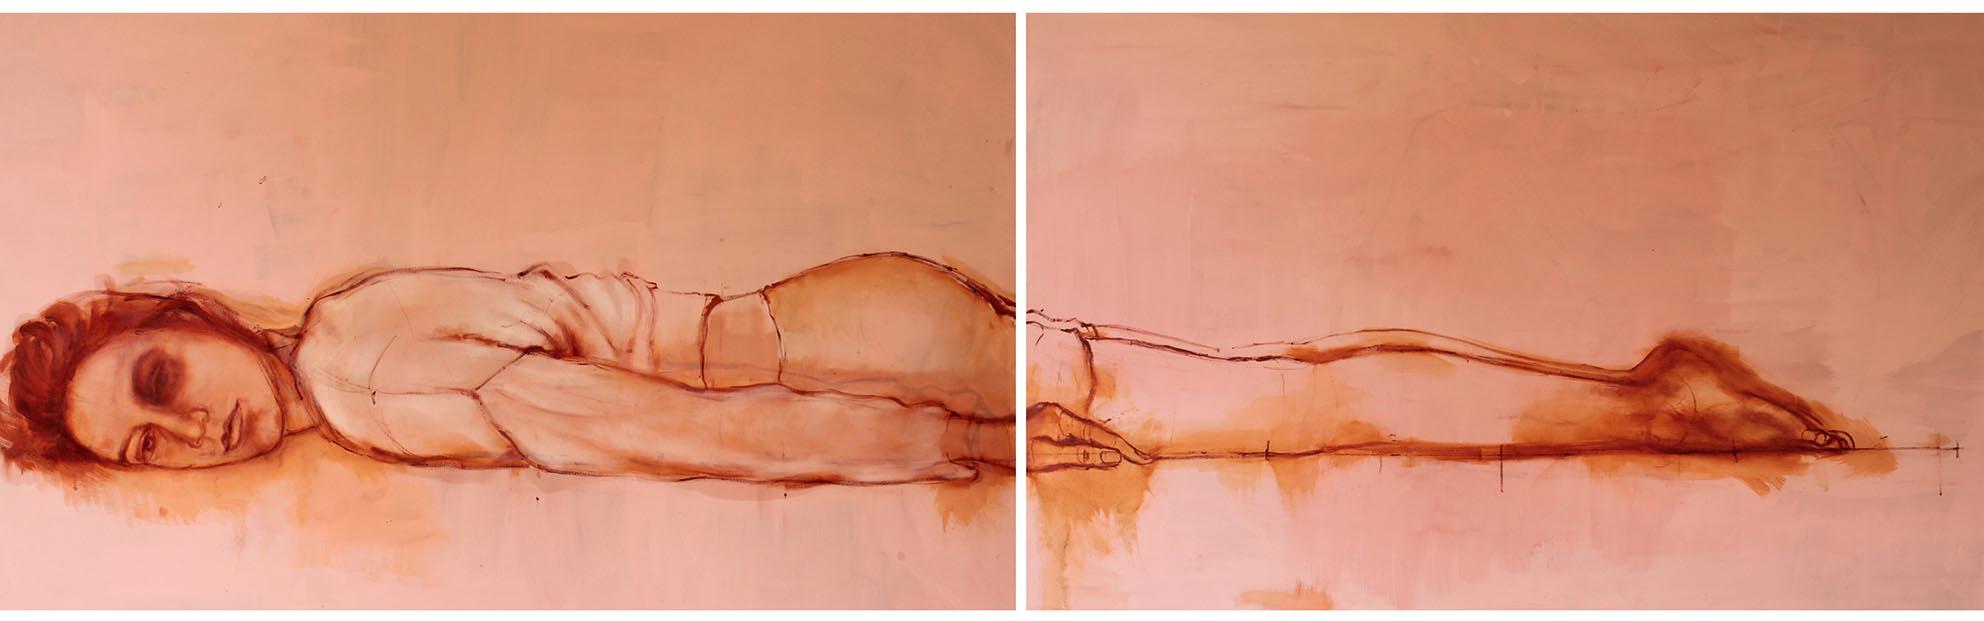 Senza titolo,|olio su tela, 100x240cm, 2013